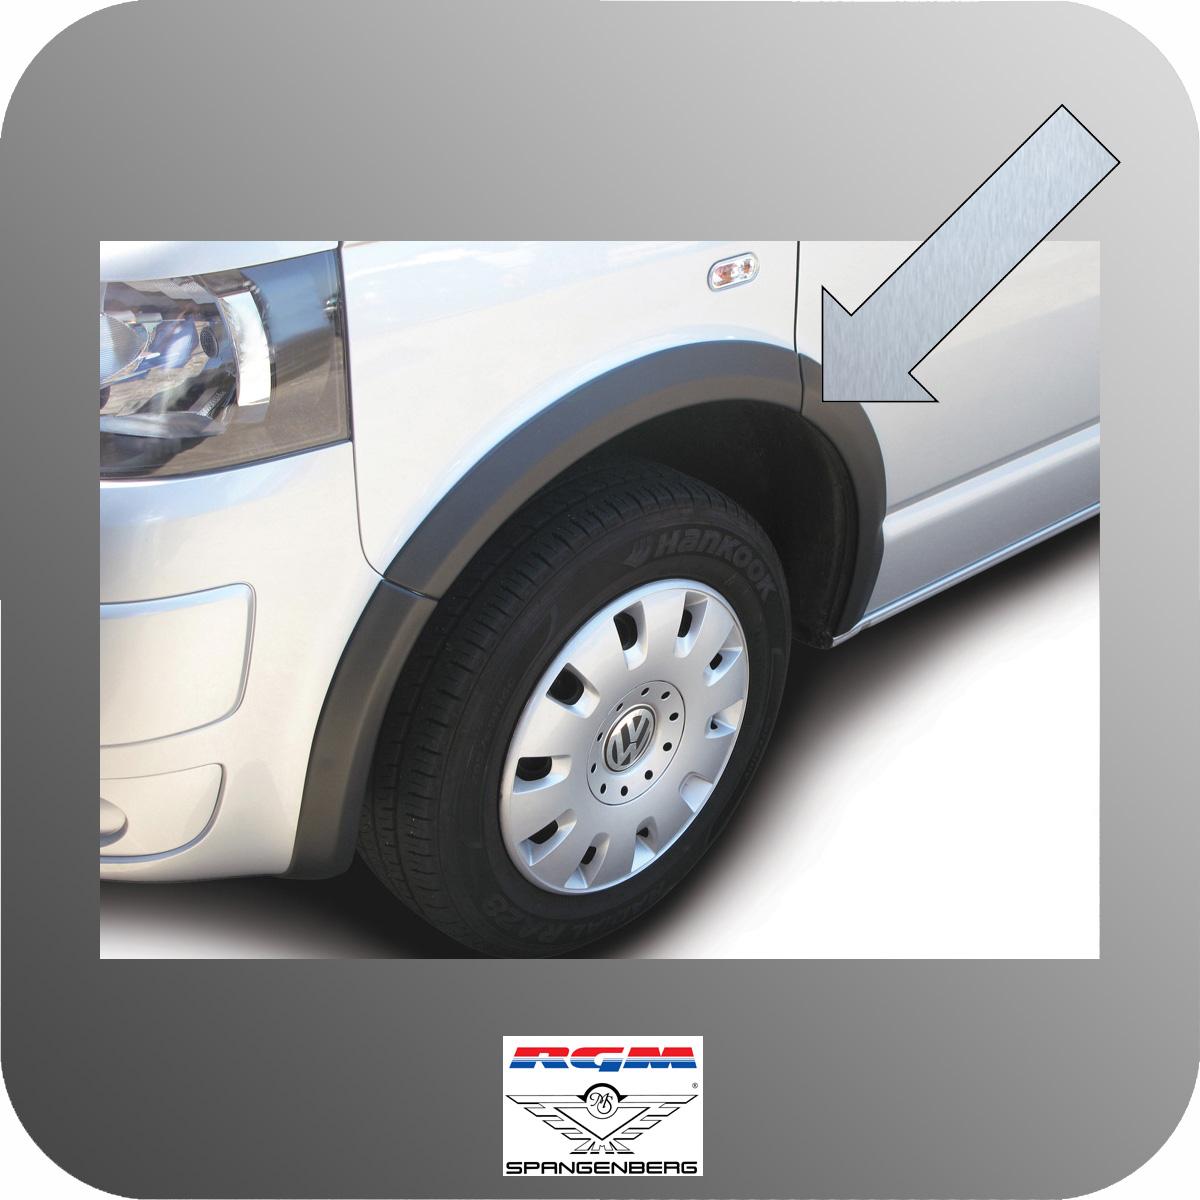 Radlaufabdeckung für VW T5 Radstand kurz Schiebetür rechts 04.03-01.15 7420252